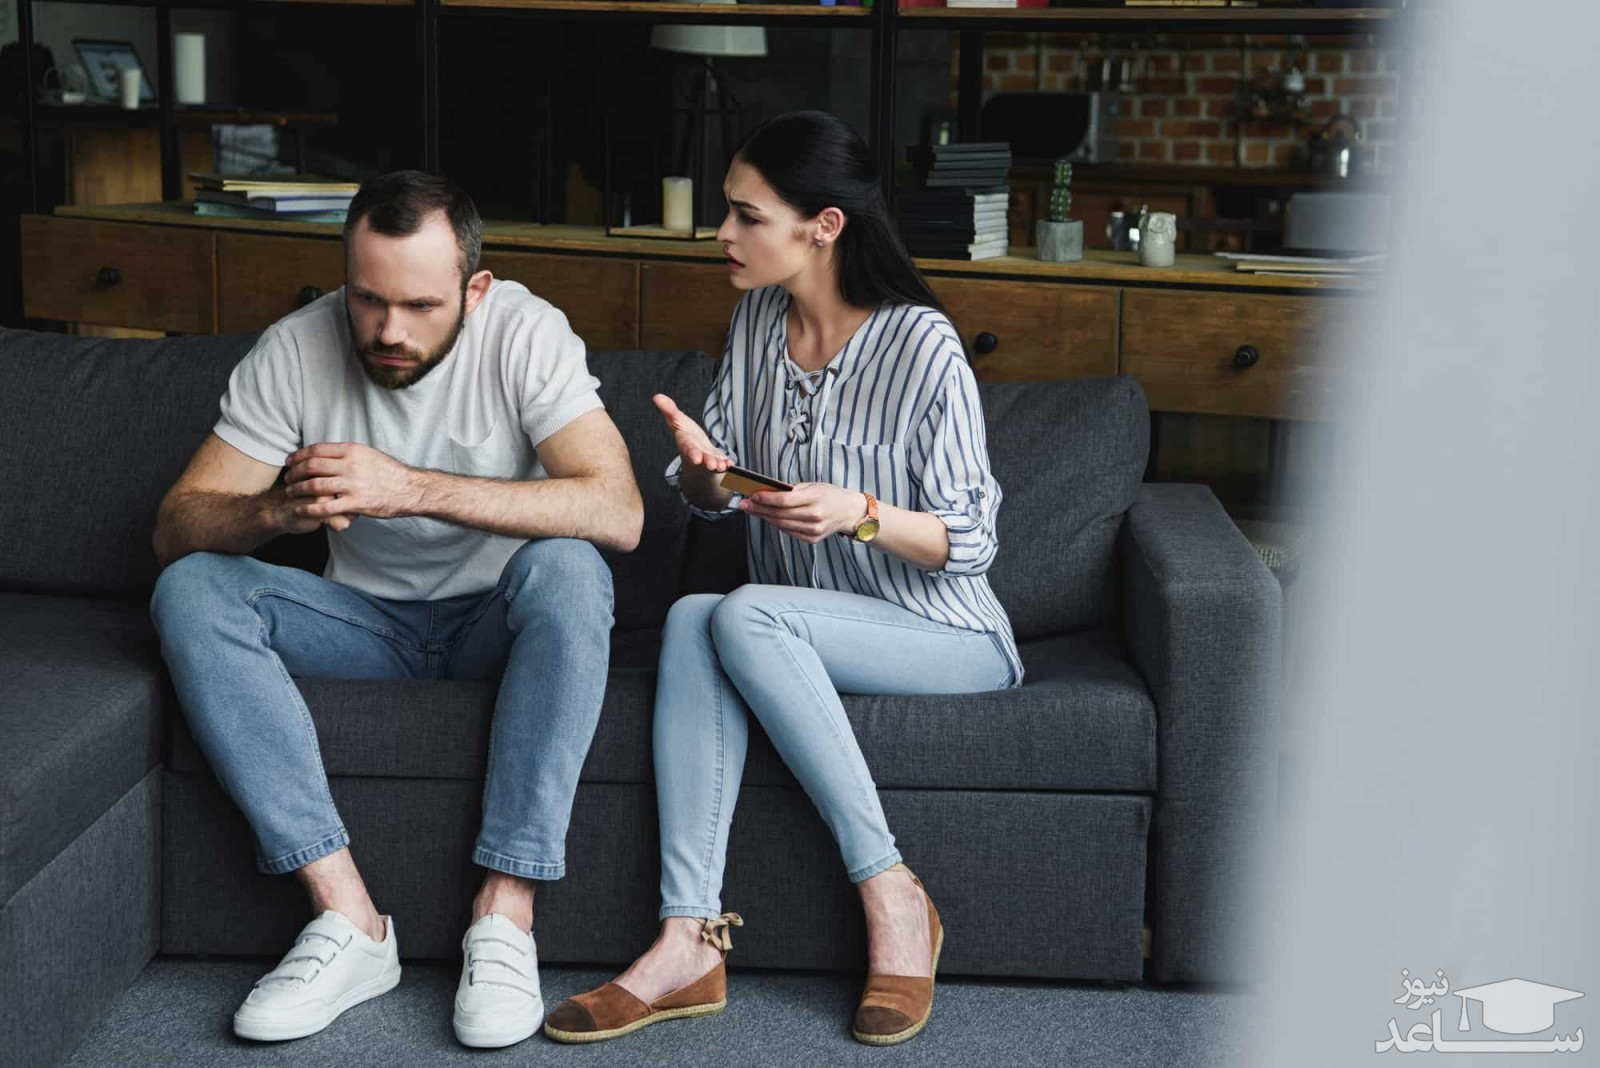 با شوهر بی مسئولیت خود چه کنیم؟